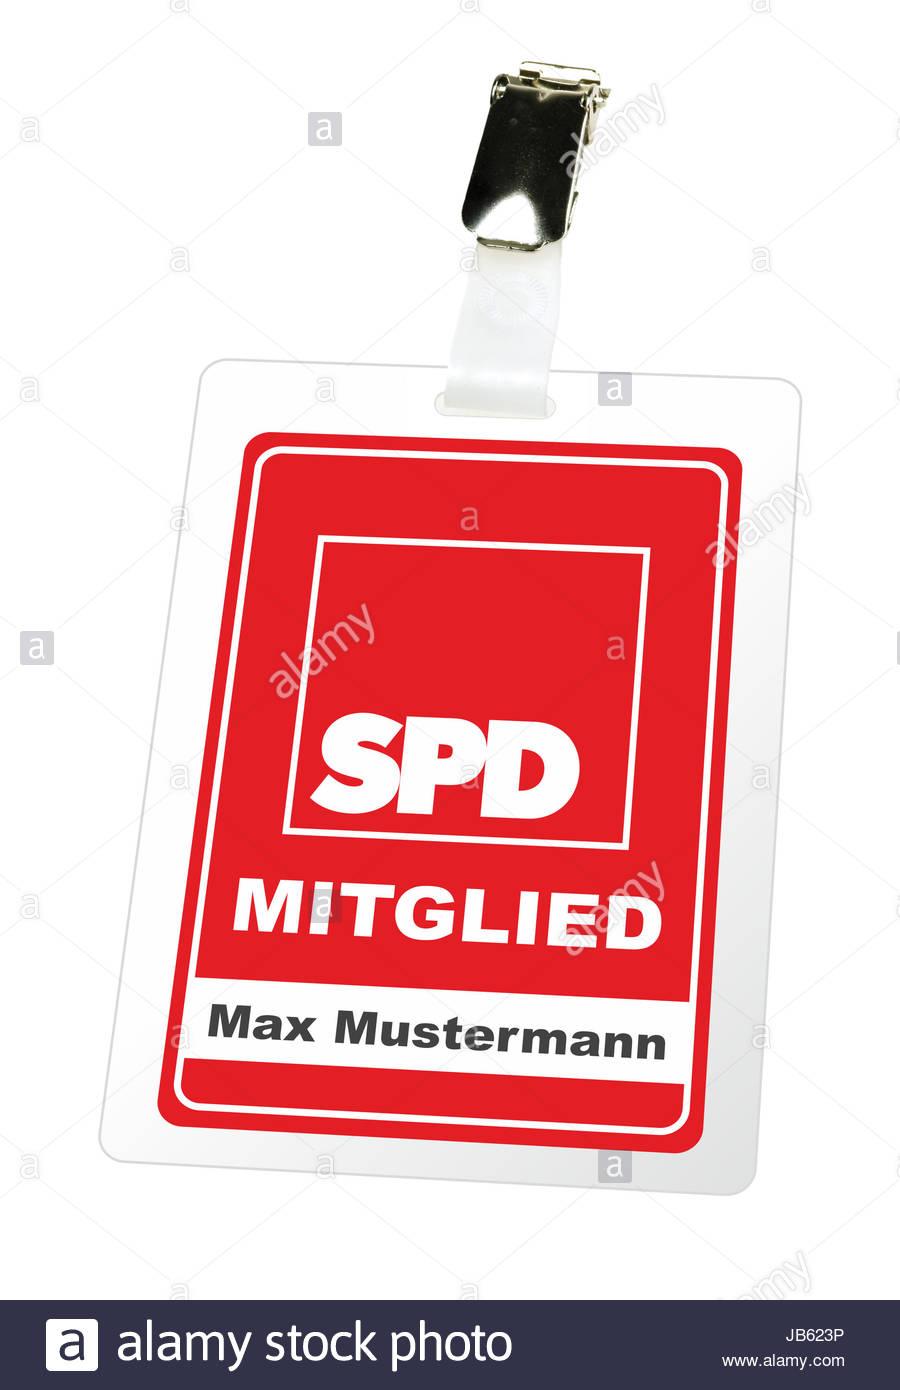 Illustrierte Darstellung eines Mitgliedsausweises der SPD mit einem Clip von Max Mustermann. - KEIN ORIGINAL AUSWEIS - Stock Image